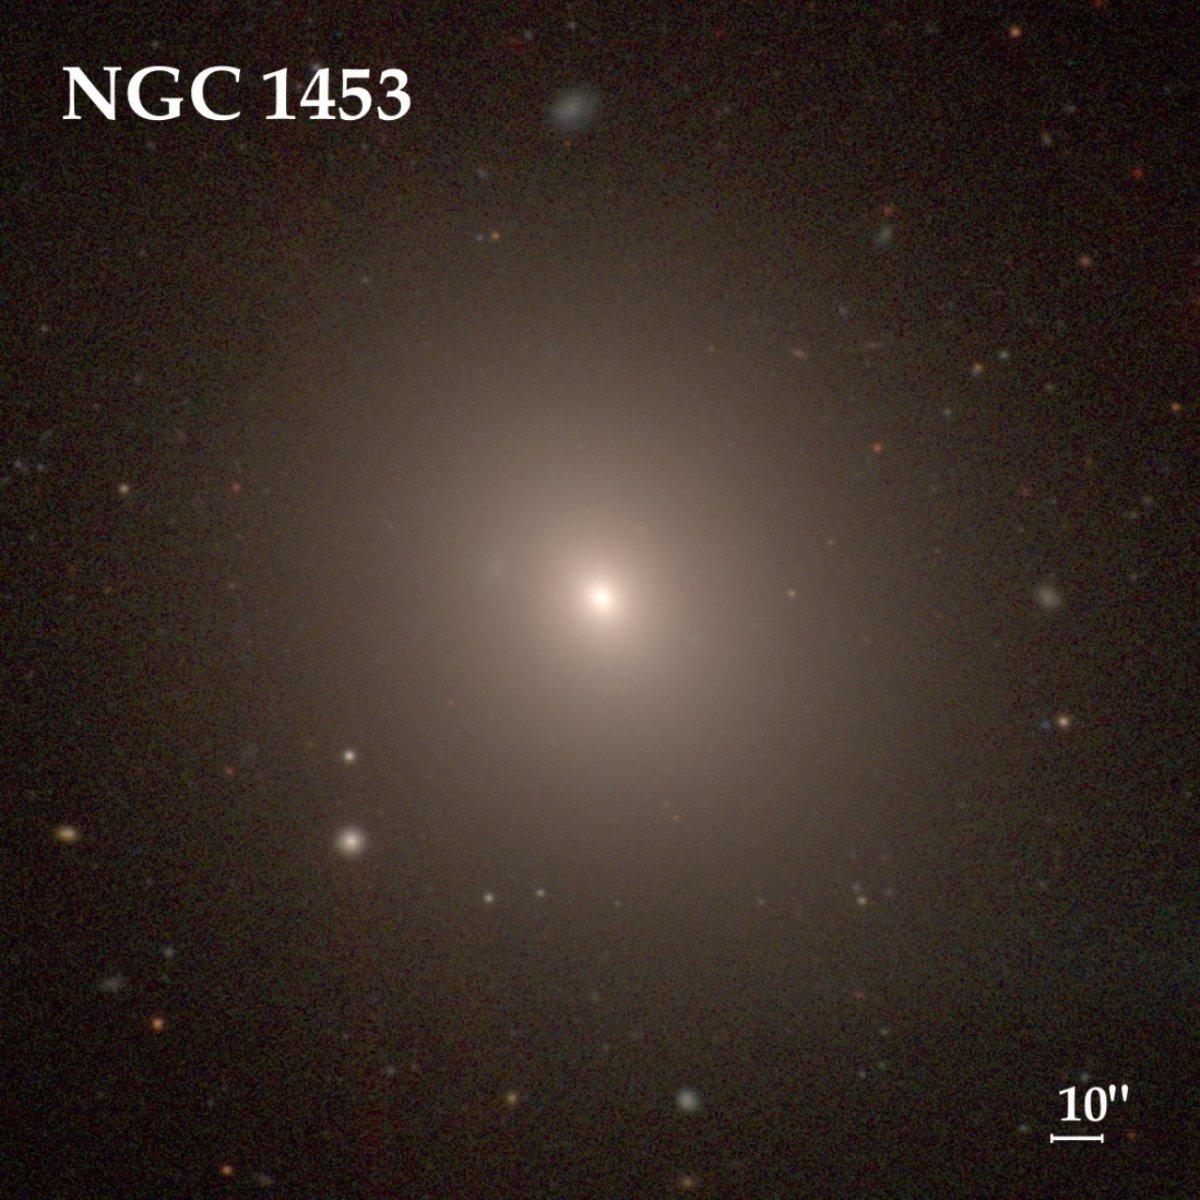 Expansion des Universums: Diskrepanz bei Hubble-Konstante vertieft sich weiter - heise online